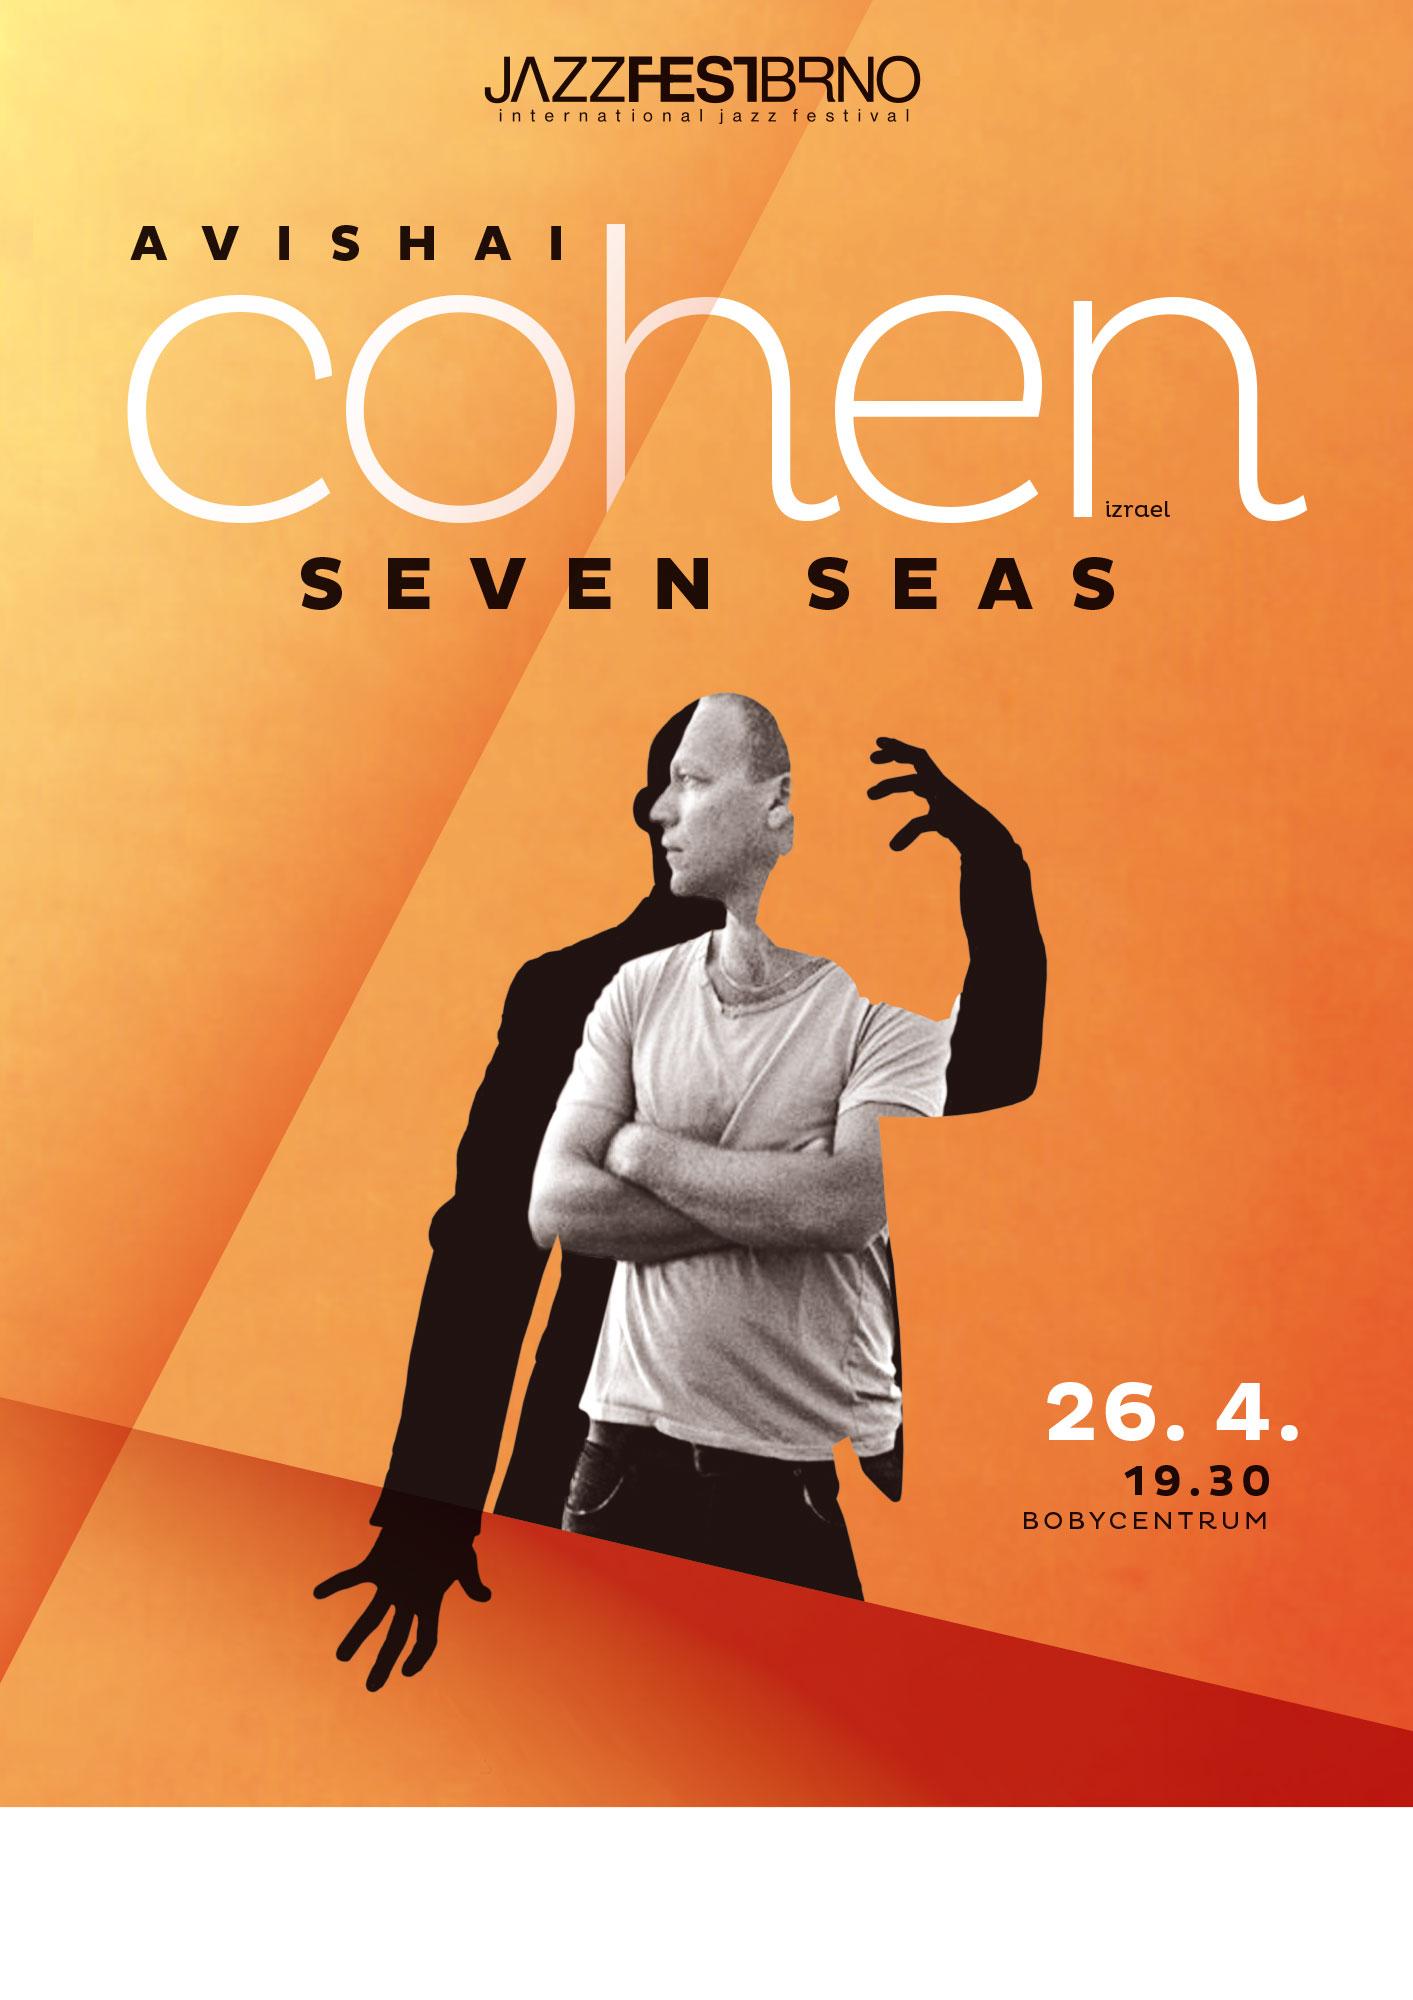 JazzFestBrno 2012 – Avishai Cohen